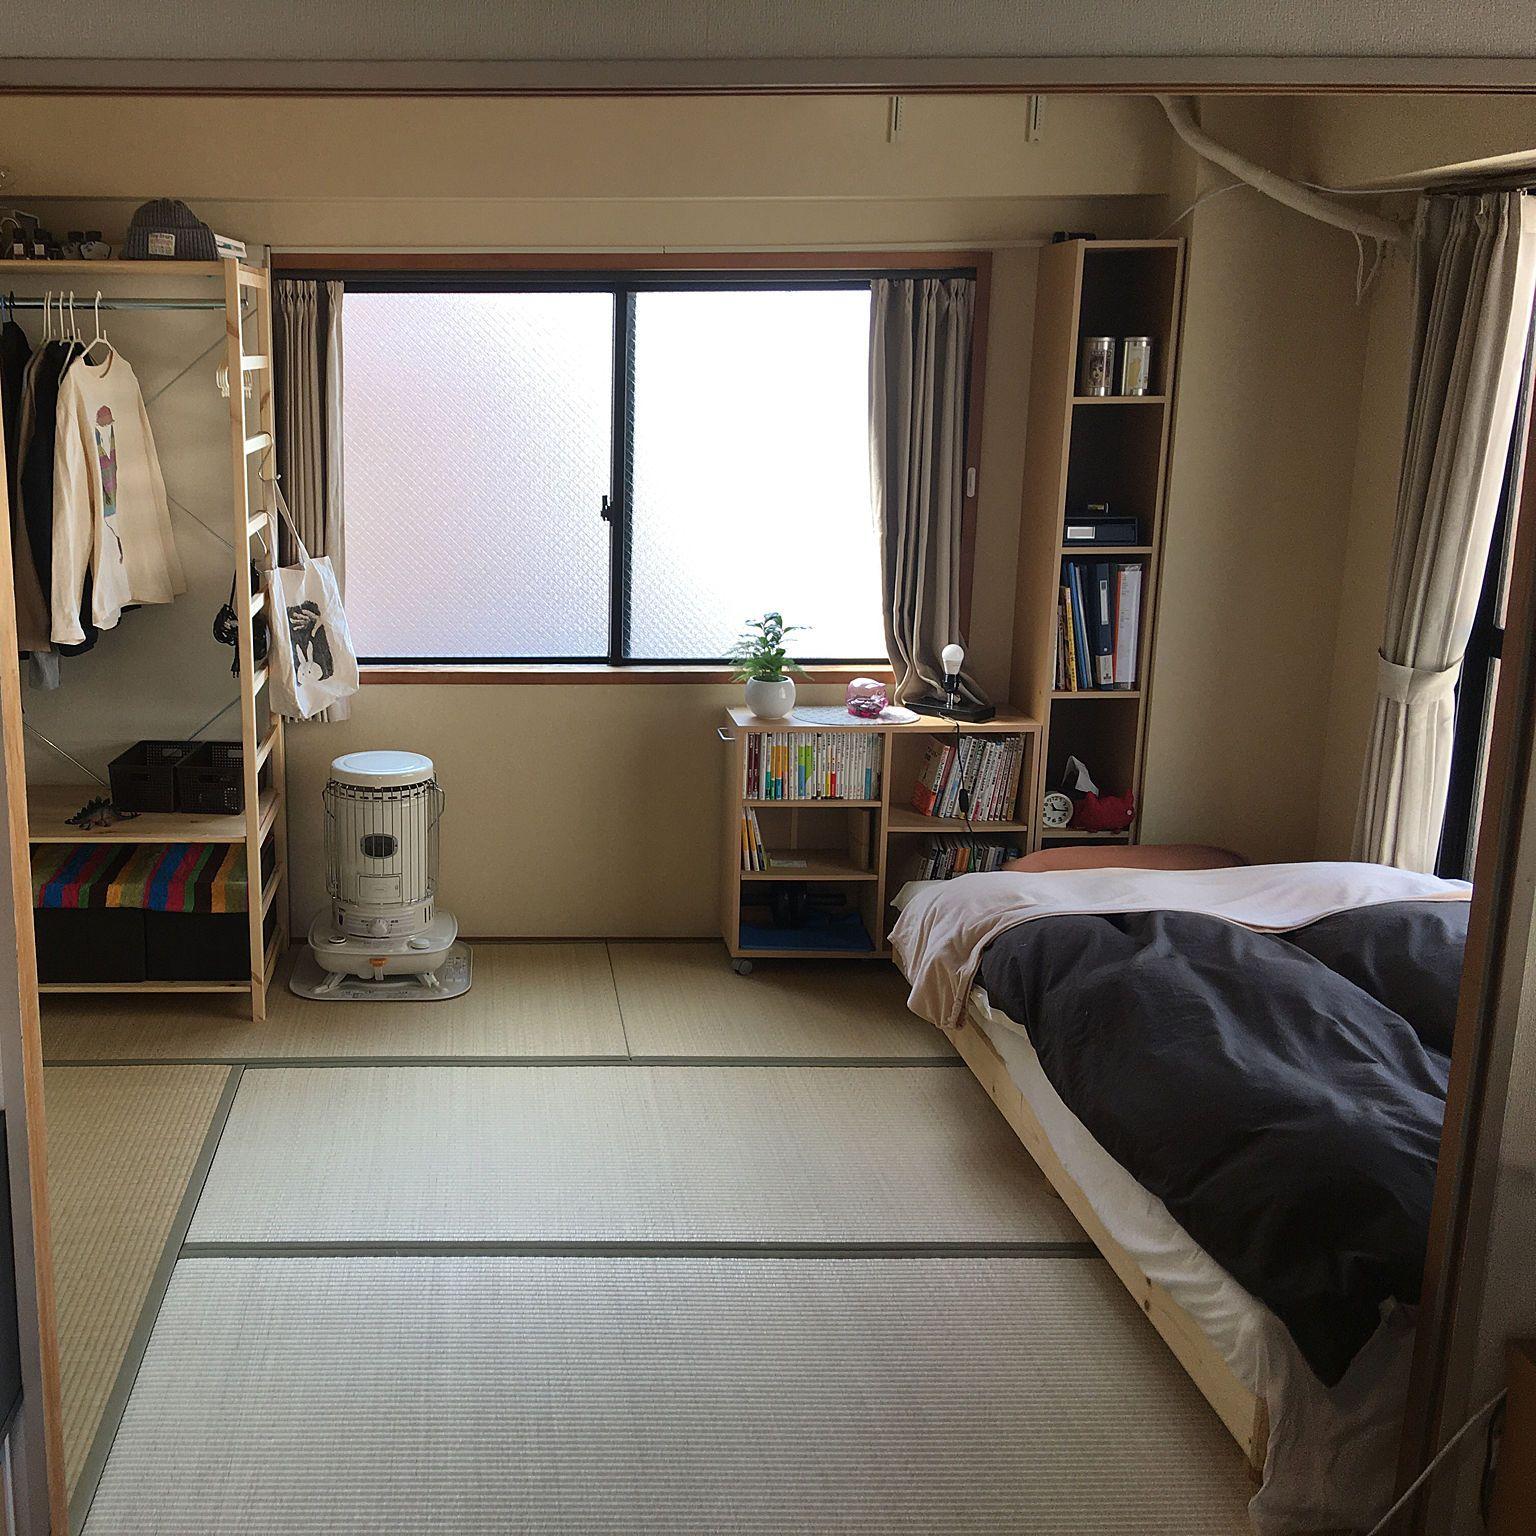 部屋全体 寝室は和室 寝室 和室のインテリア 和室ベッドルーム などのインテリア実例 2018 03 13 11 18 04 Roomclip ルームクリップ 和室 ベッドルーム 一人暮らし部屋レイアウト インテリアデザイン